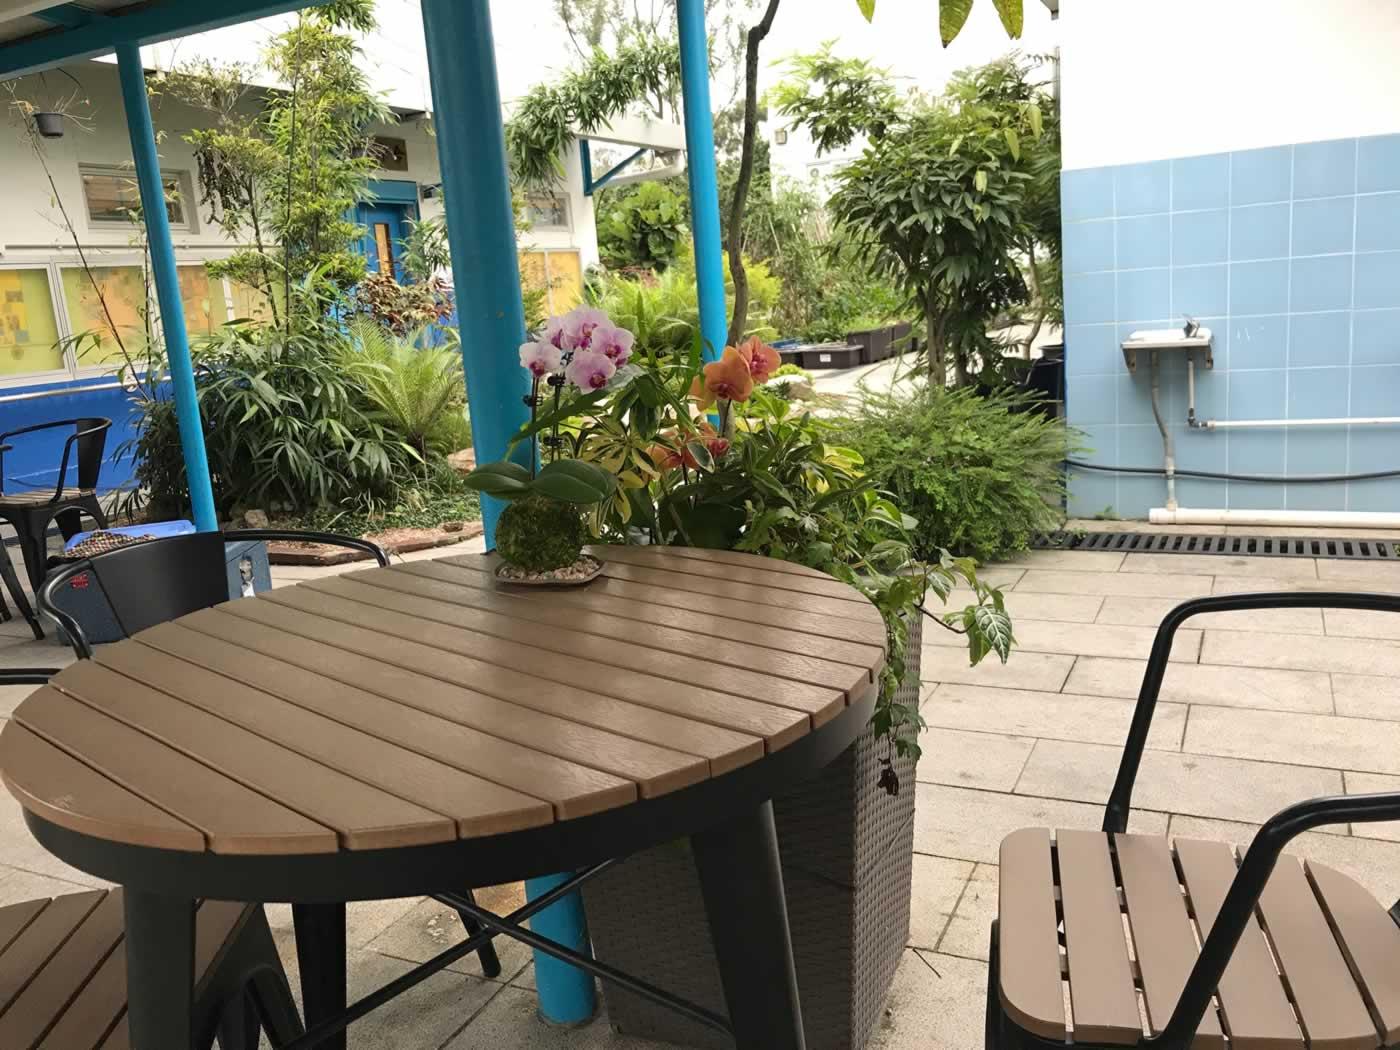 嶺英公立學校校內的休憩空間